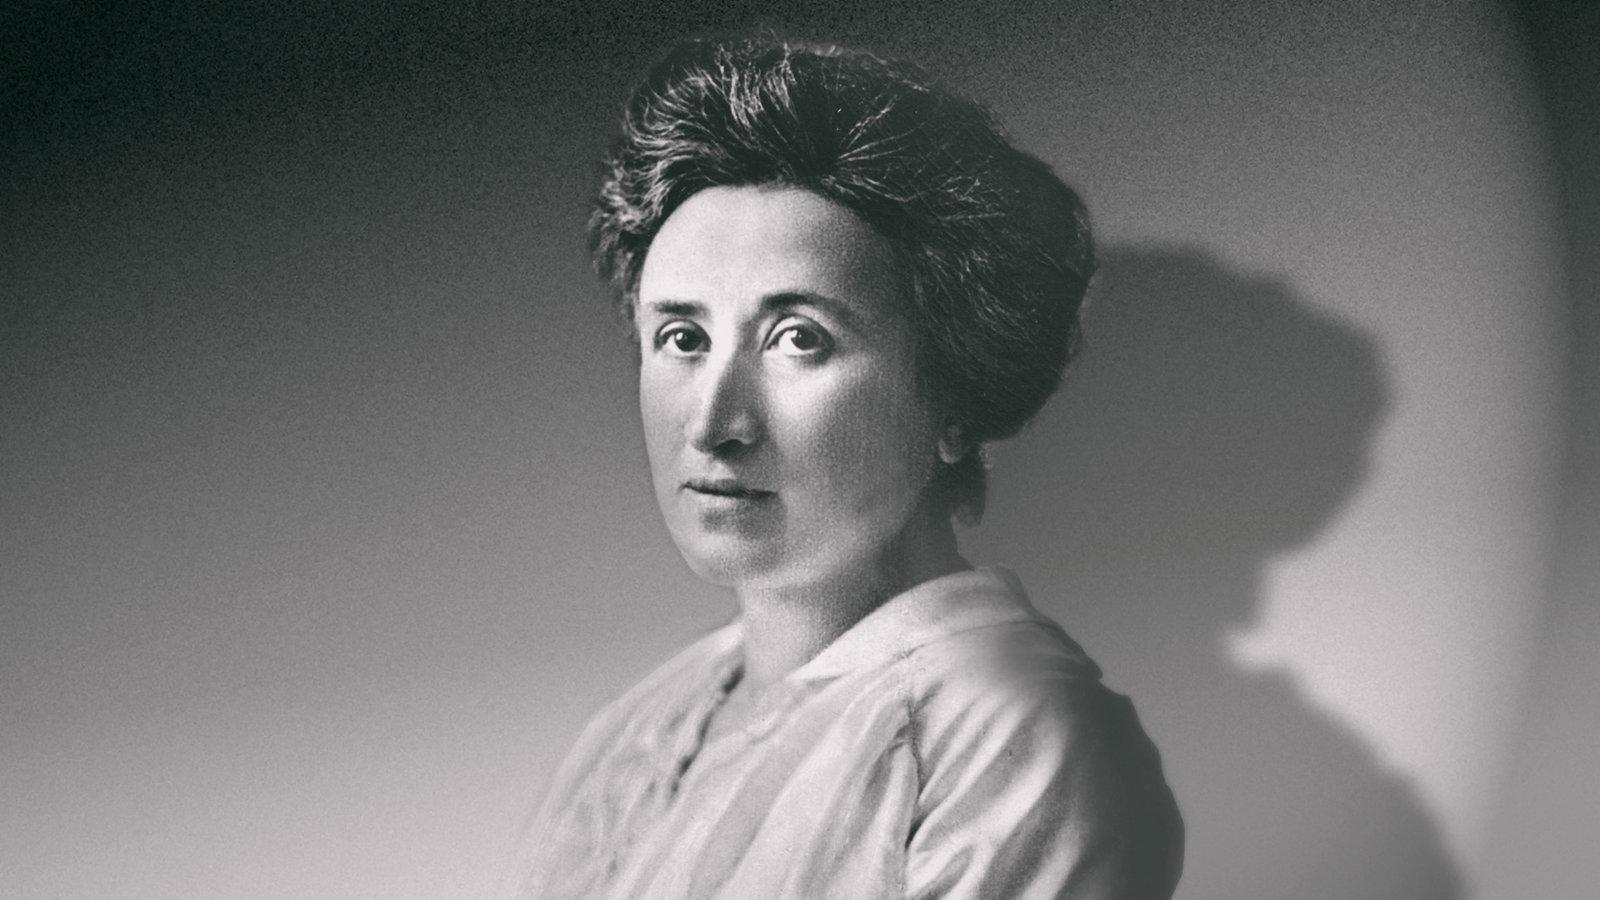 Briefe Von Rosa Luxemburg : Stichtag märz geburtstag von rosa luxemburg